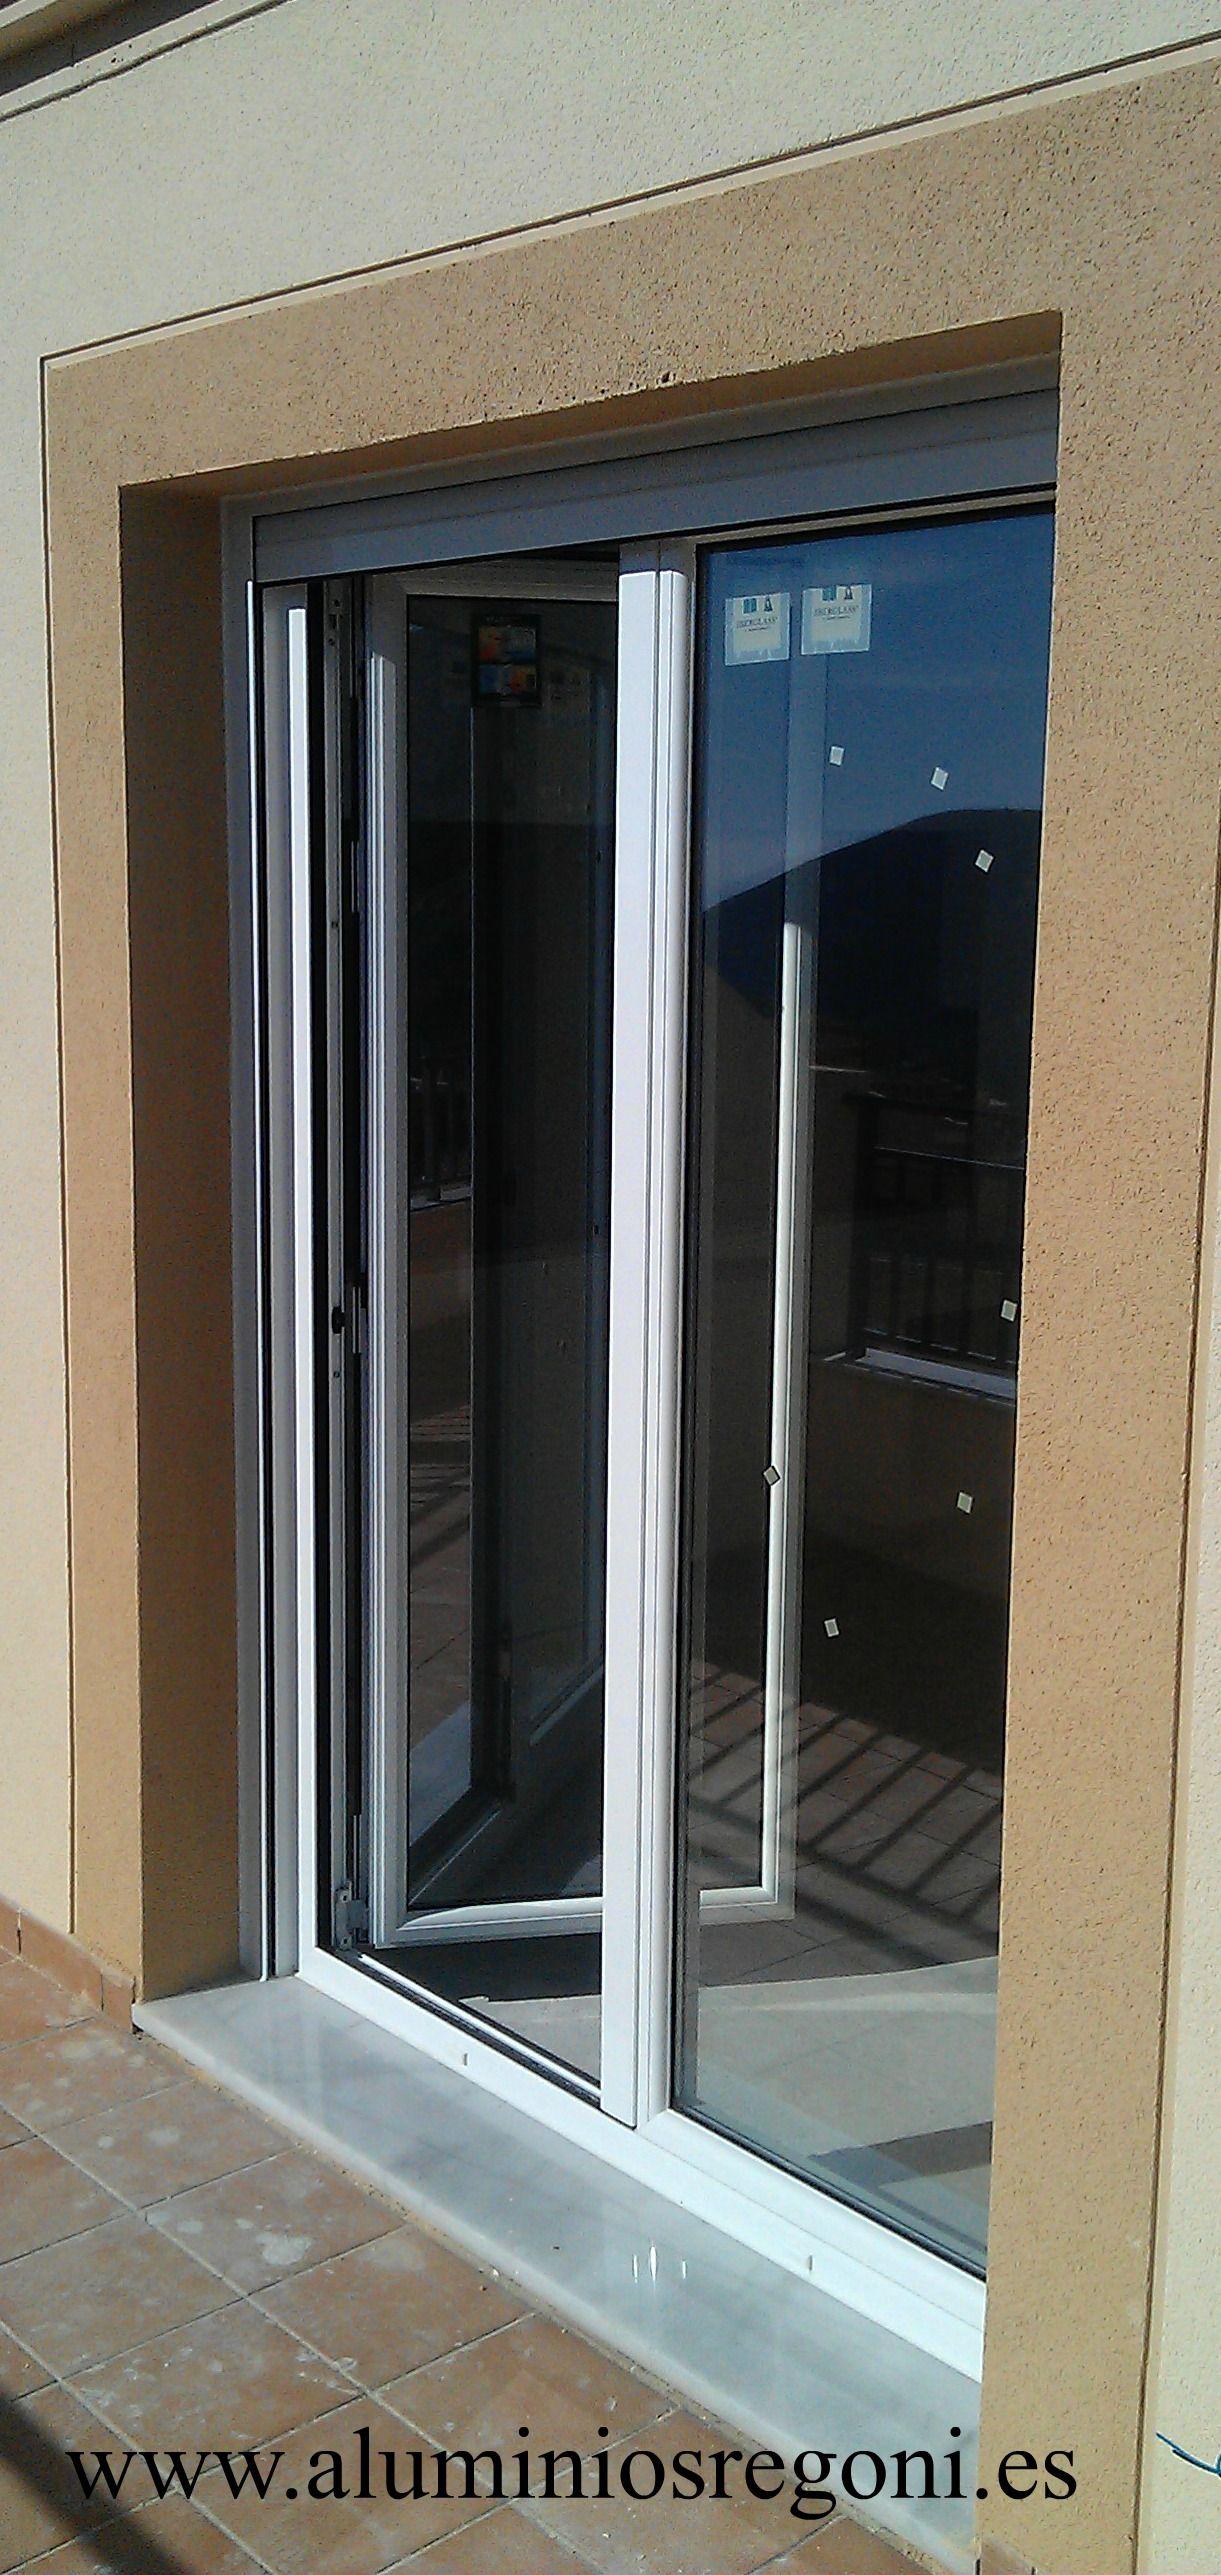 Ventana de aluminio con rotura de puente termico ventanas y cristaleras de aluminio - Aluminio con rotura de puente termico ...